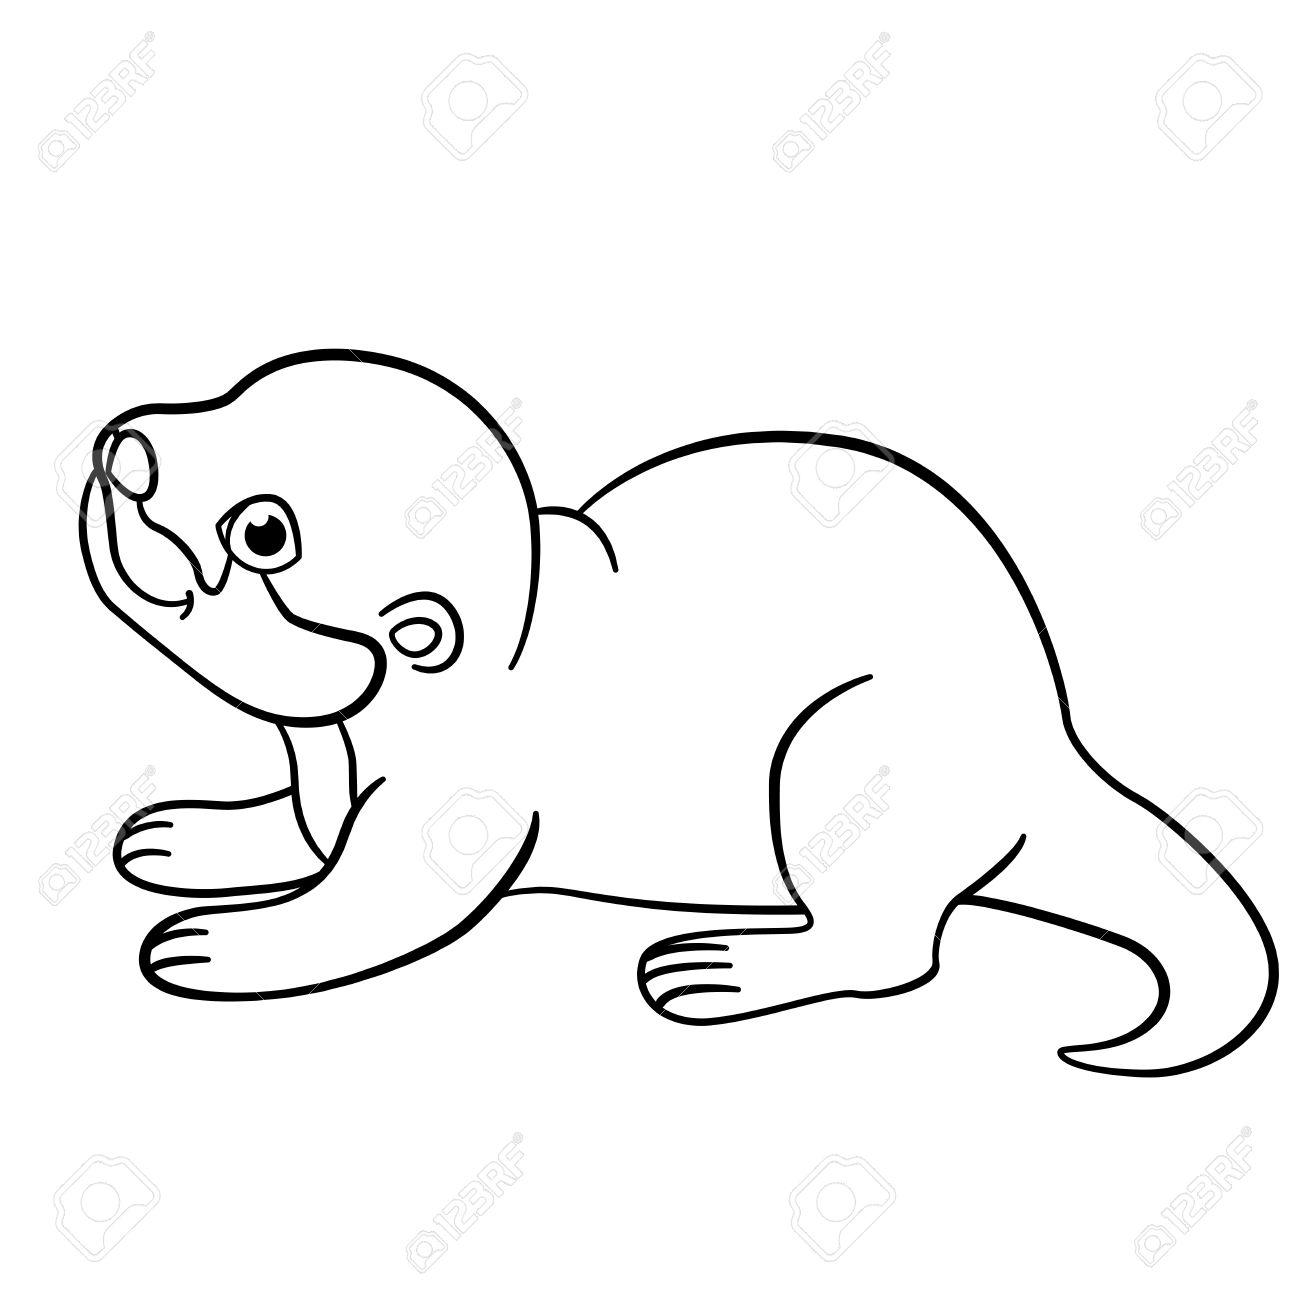 Ausgezeichnet Süße Baby Seepferdchen Malvorlagen Fotos - Beispiel ...